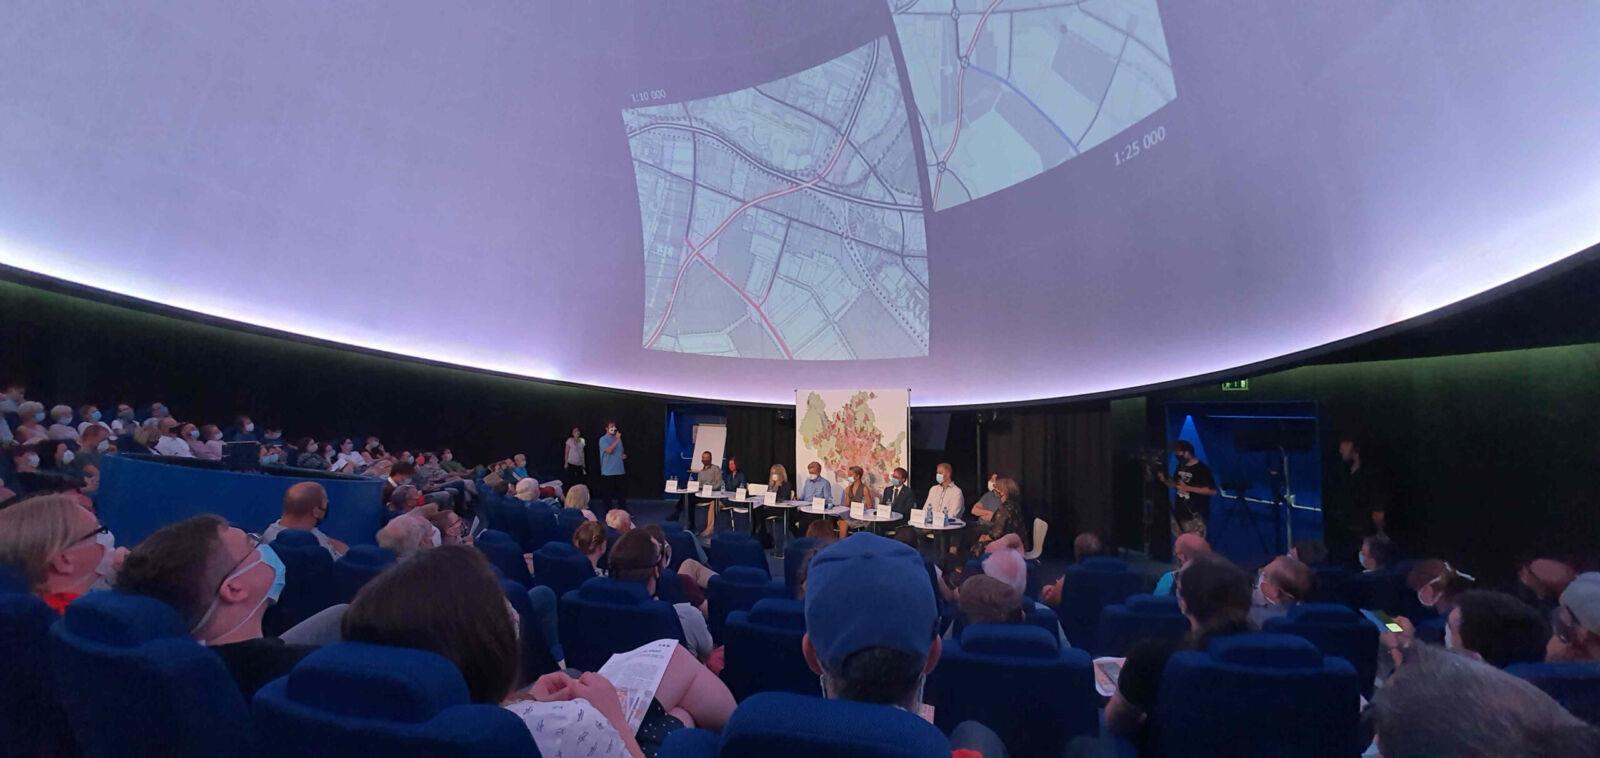 Veřejné projednávání územního plánu města Brna